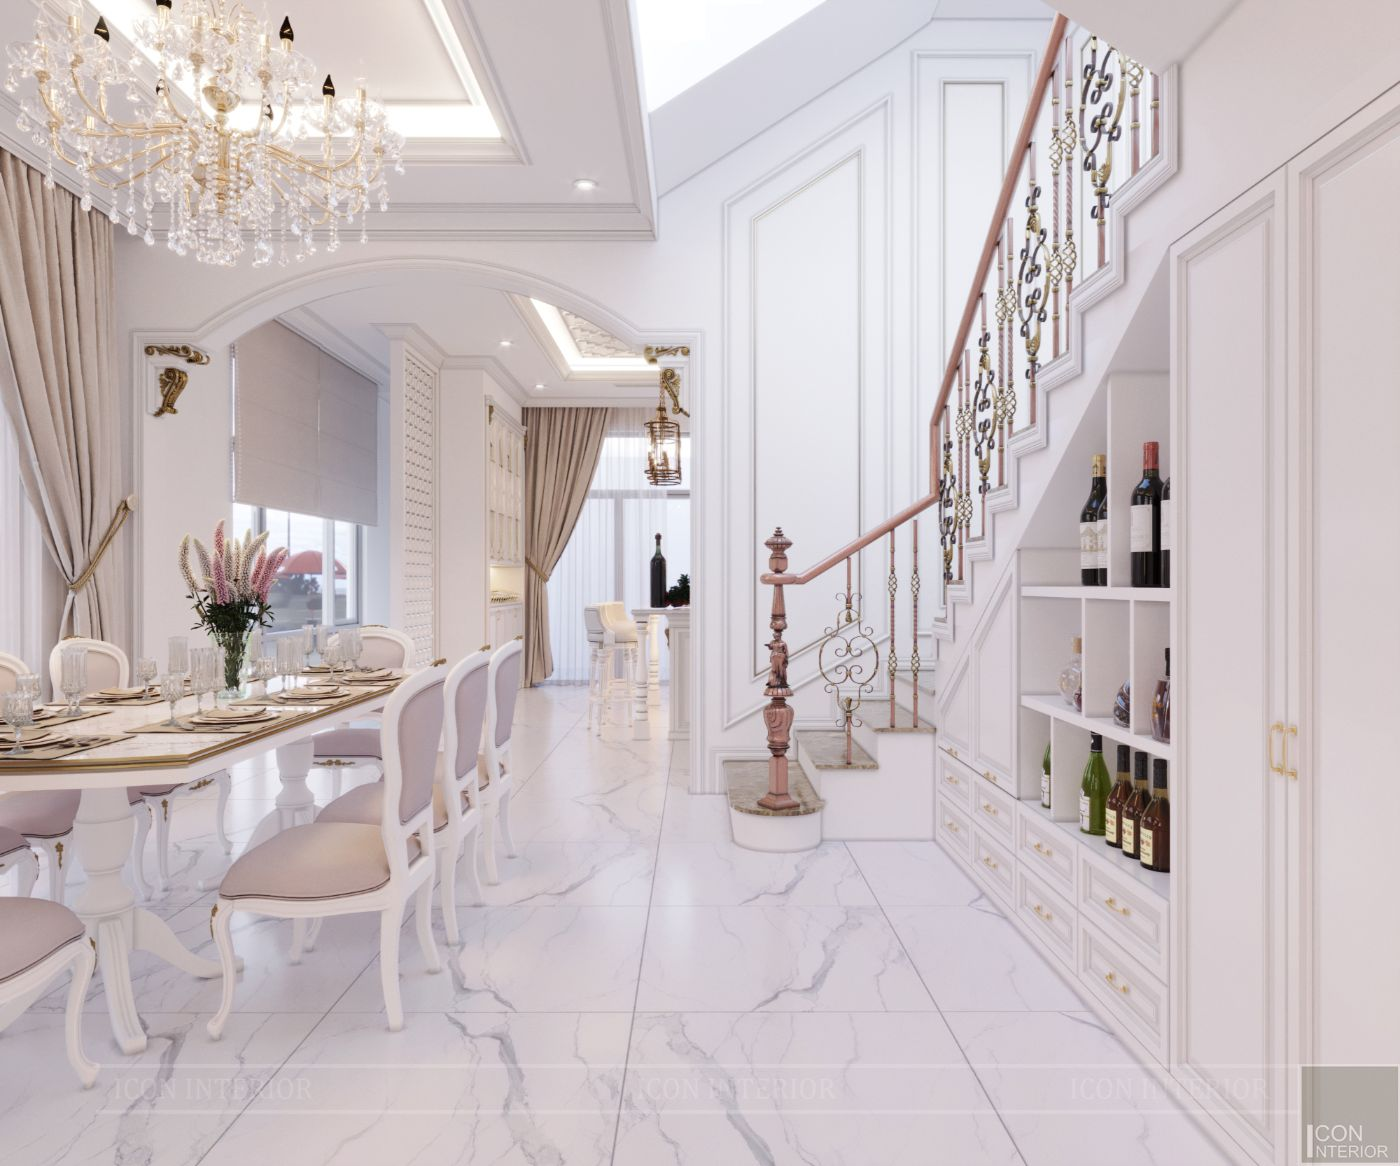 biệt thự tân cổ điển 2 tầng - phòng ăn